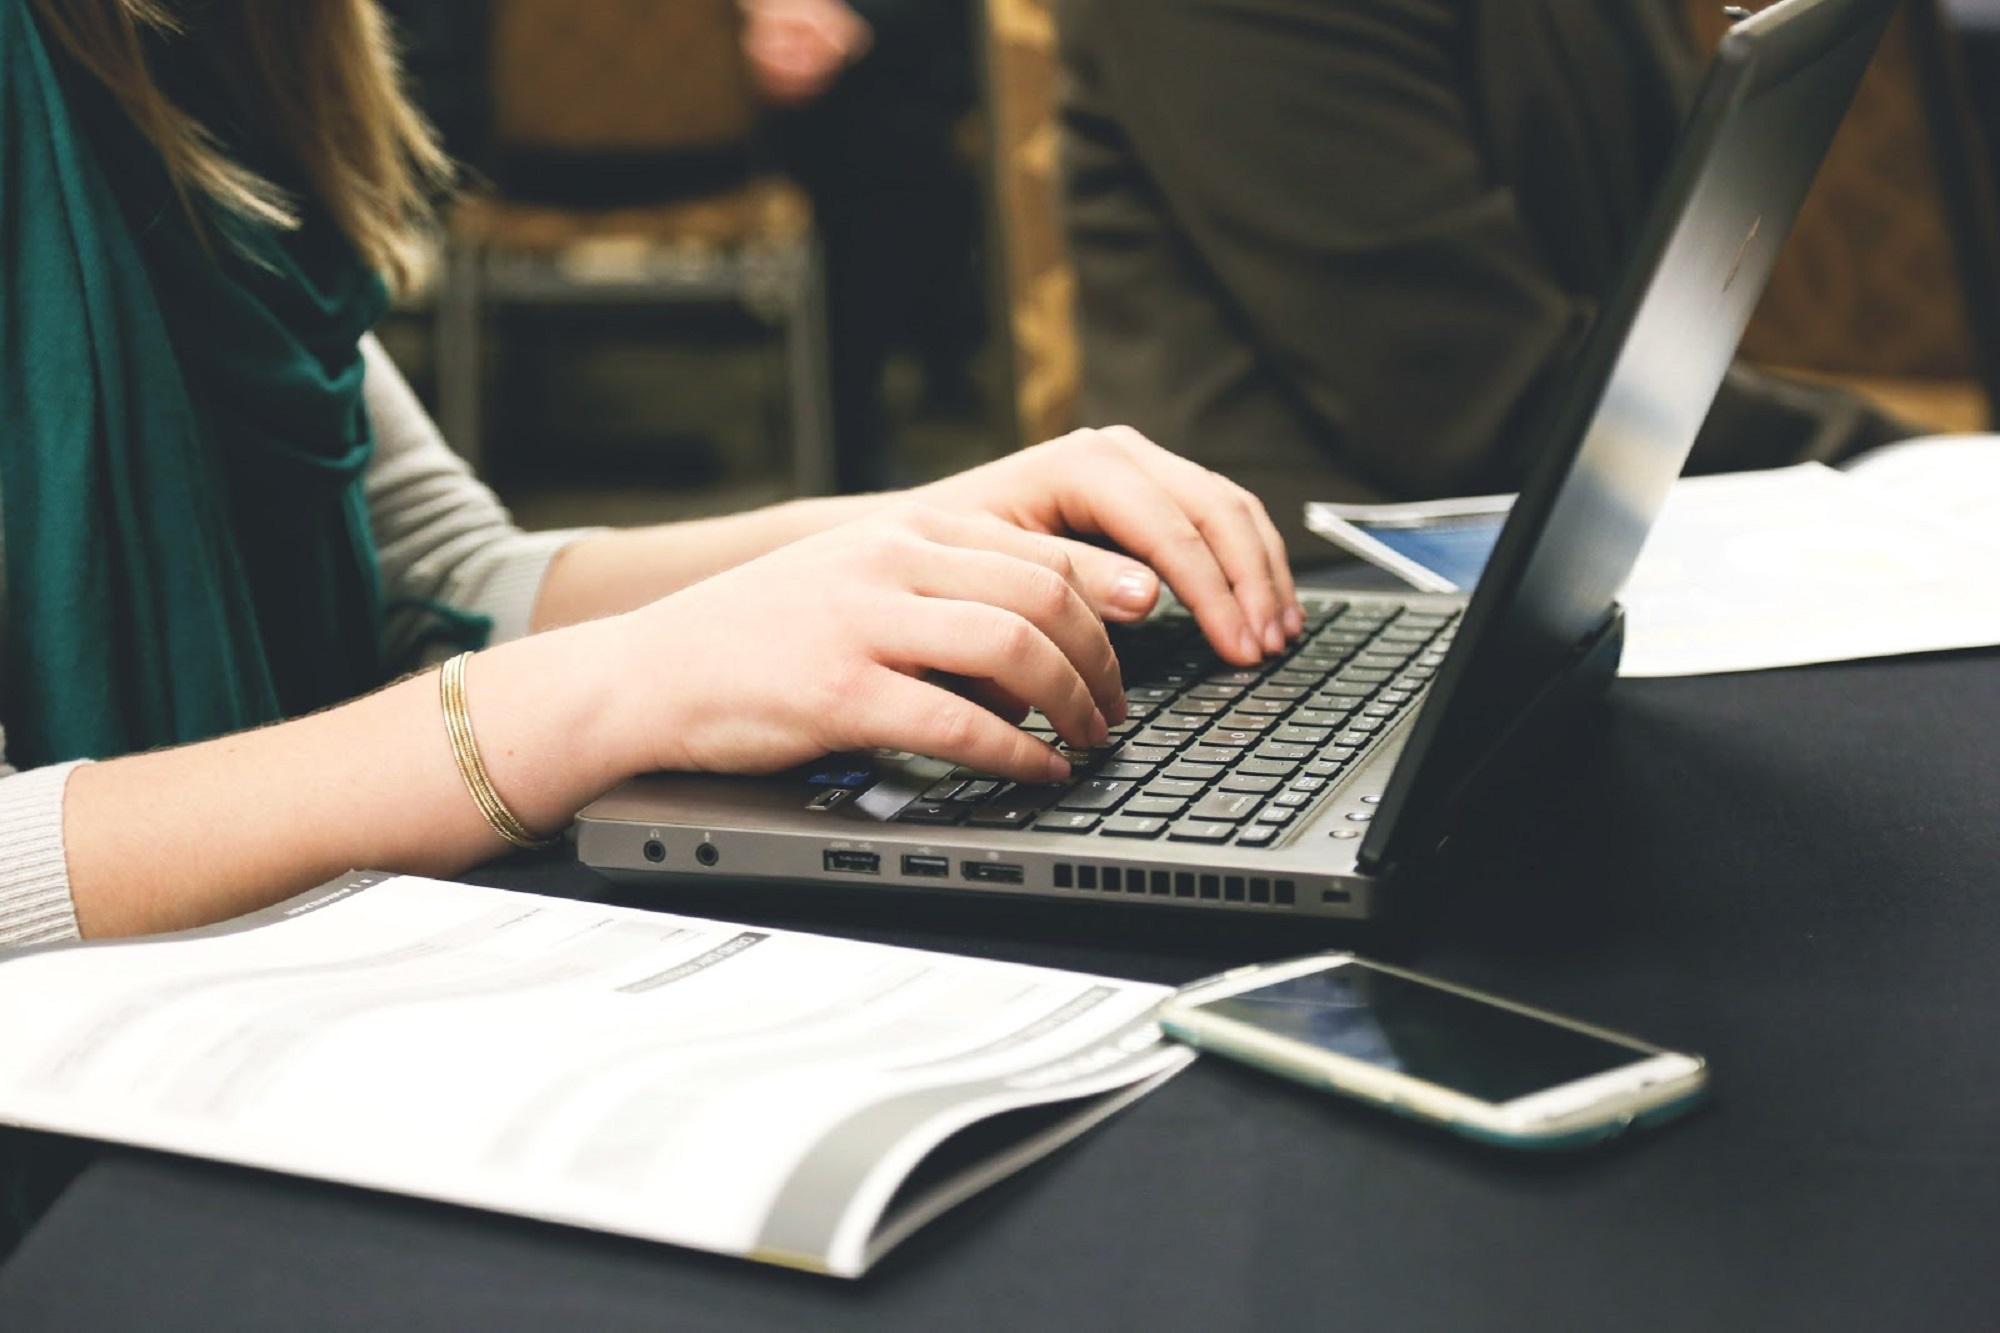 26 Mar Metode Dasar Dalam Digital Marketing